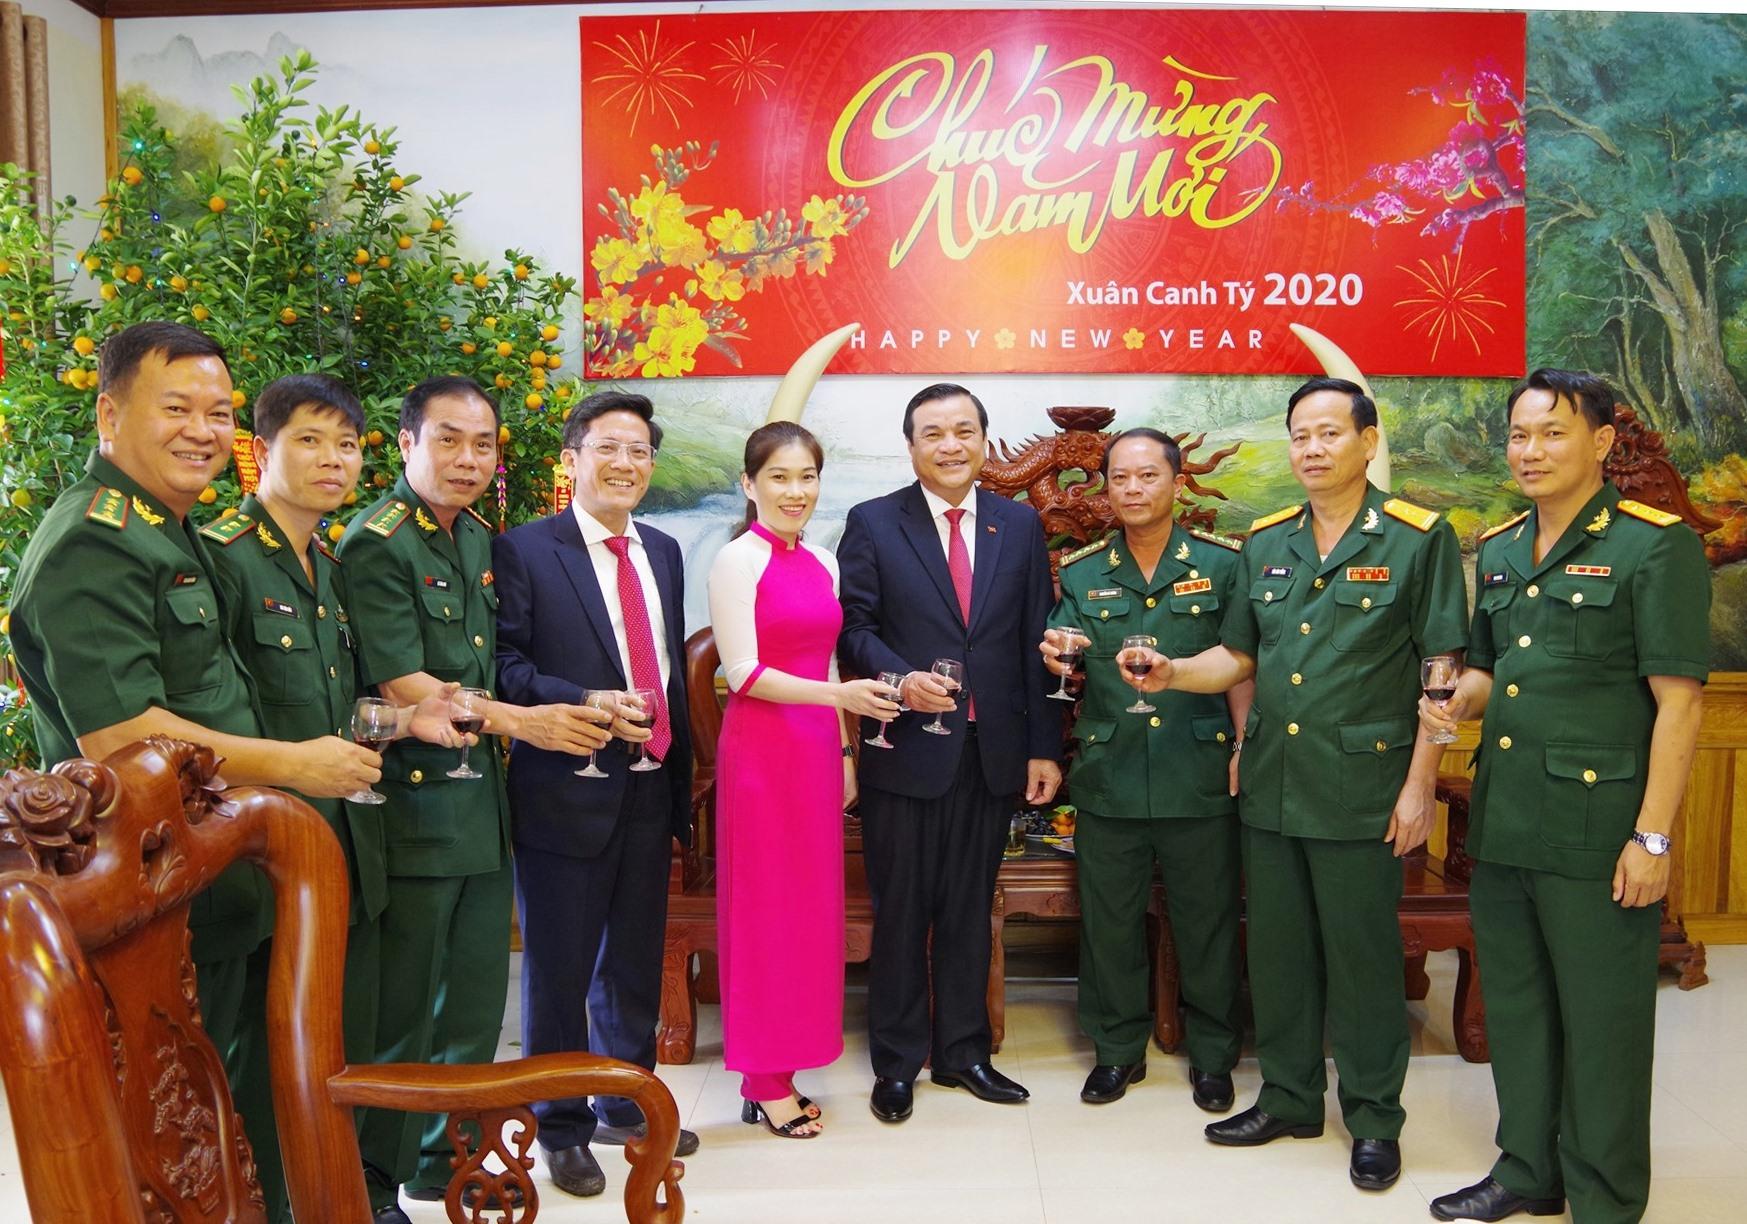 Bí Thư Tỉnh ủy Phan Việt cường chúc tết, chụp hình lưu niệm với cán bộ chiến sĩ BĐBP tỉnh